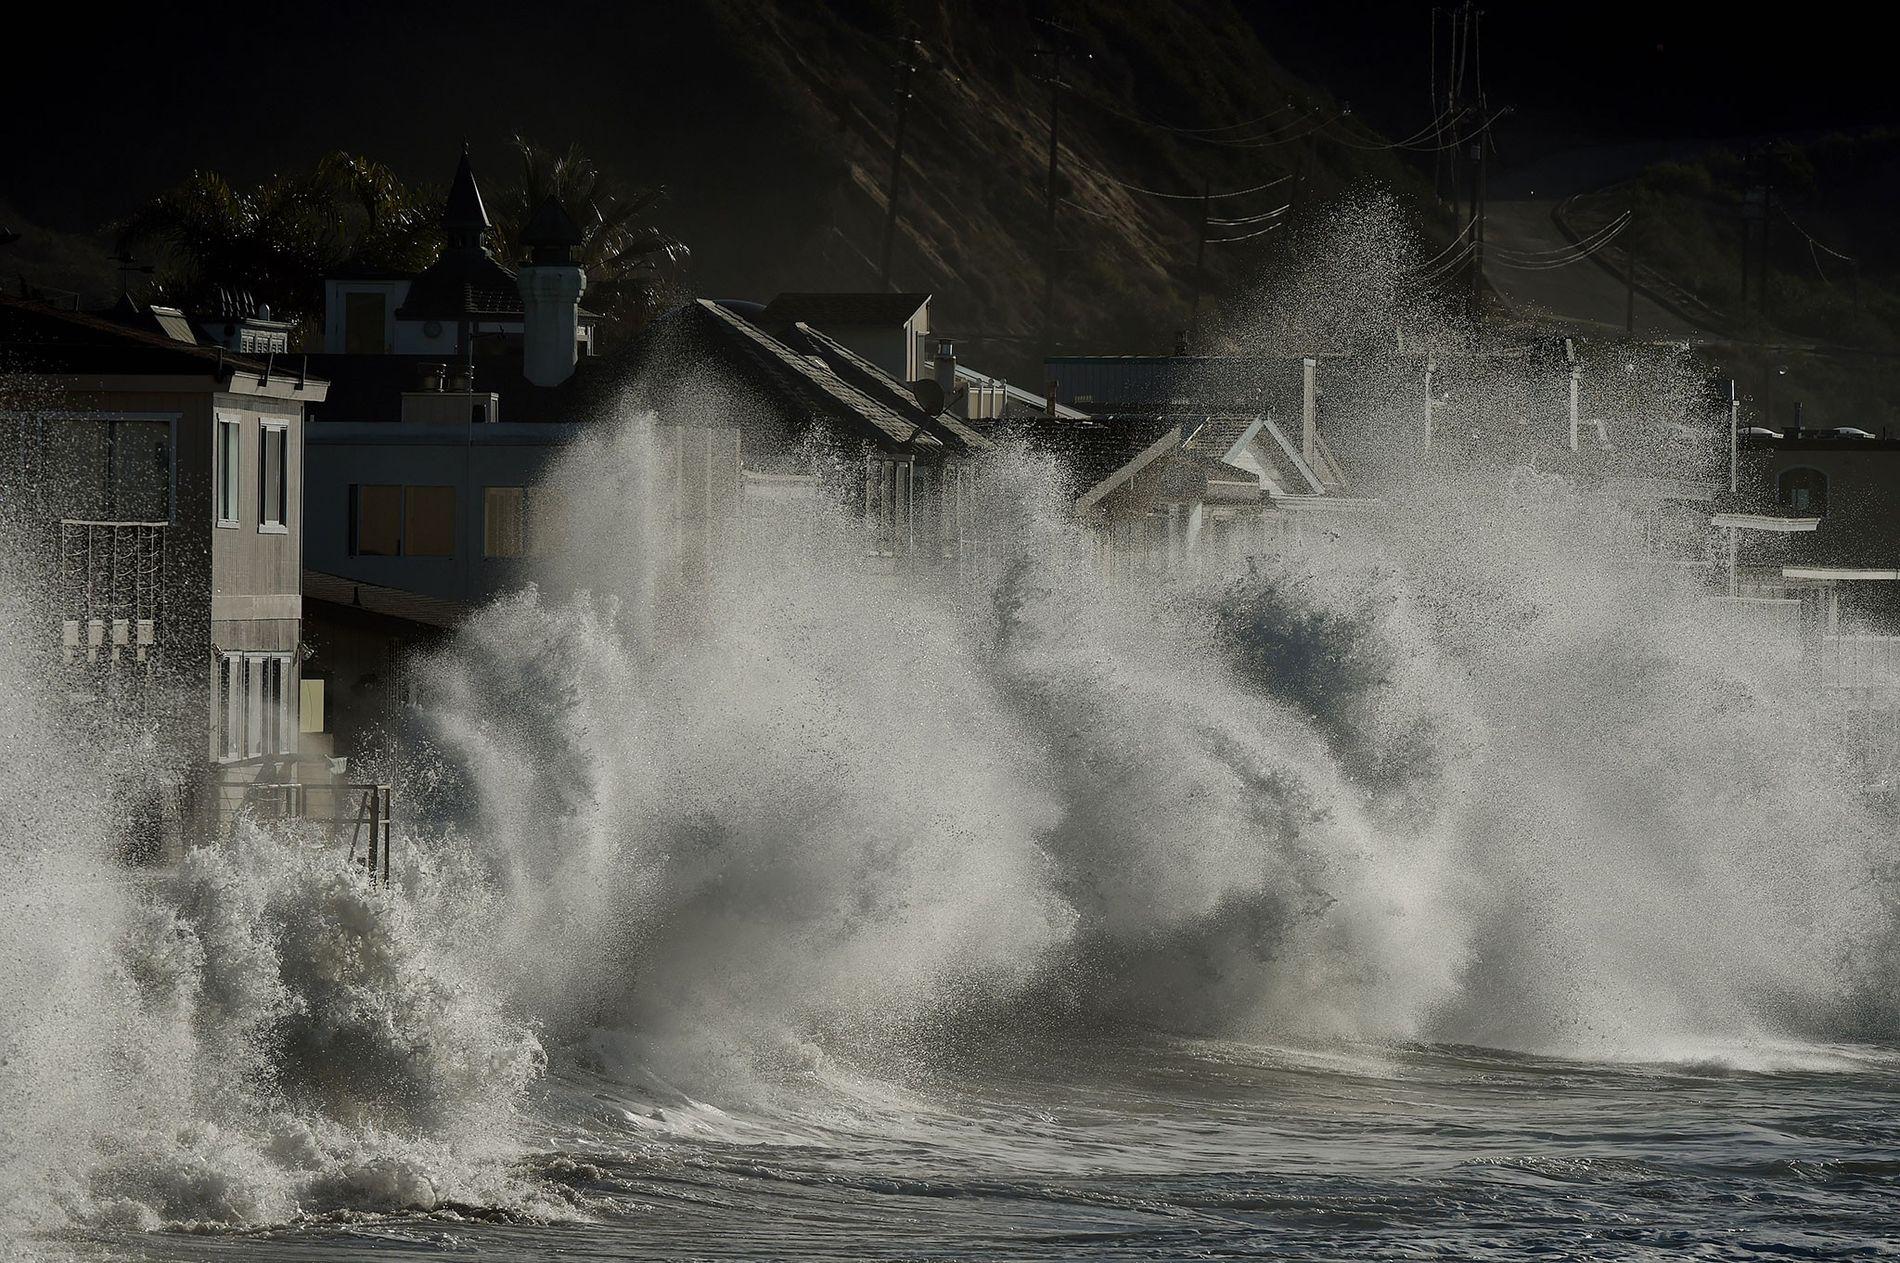 Las olas de una tormenta impactan en las casas junto al mar en Mondos Beach, California, el 12 de enero de 2016, durante un intenso fenómeno de El Niño. Podría volver a ocurrir.